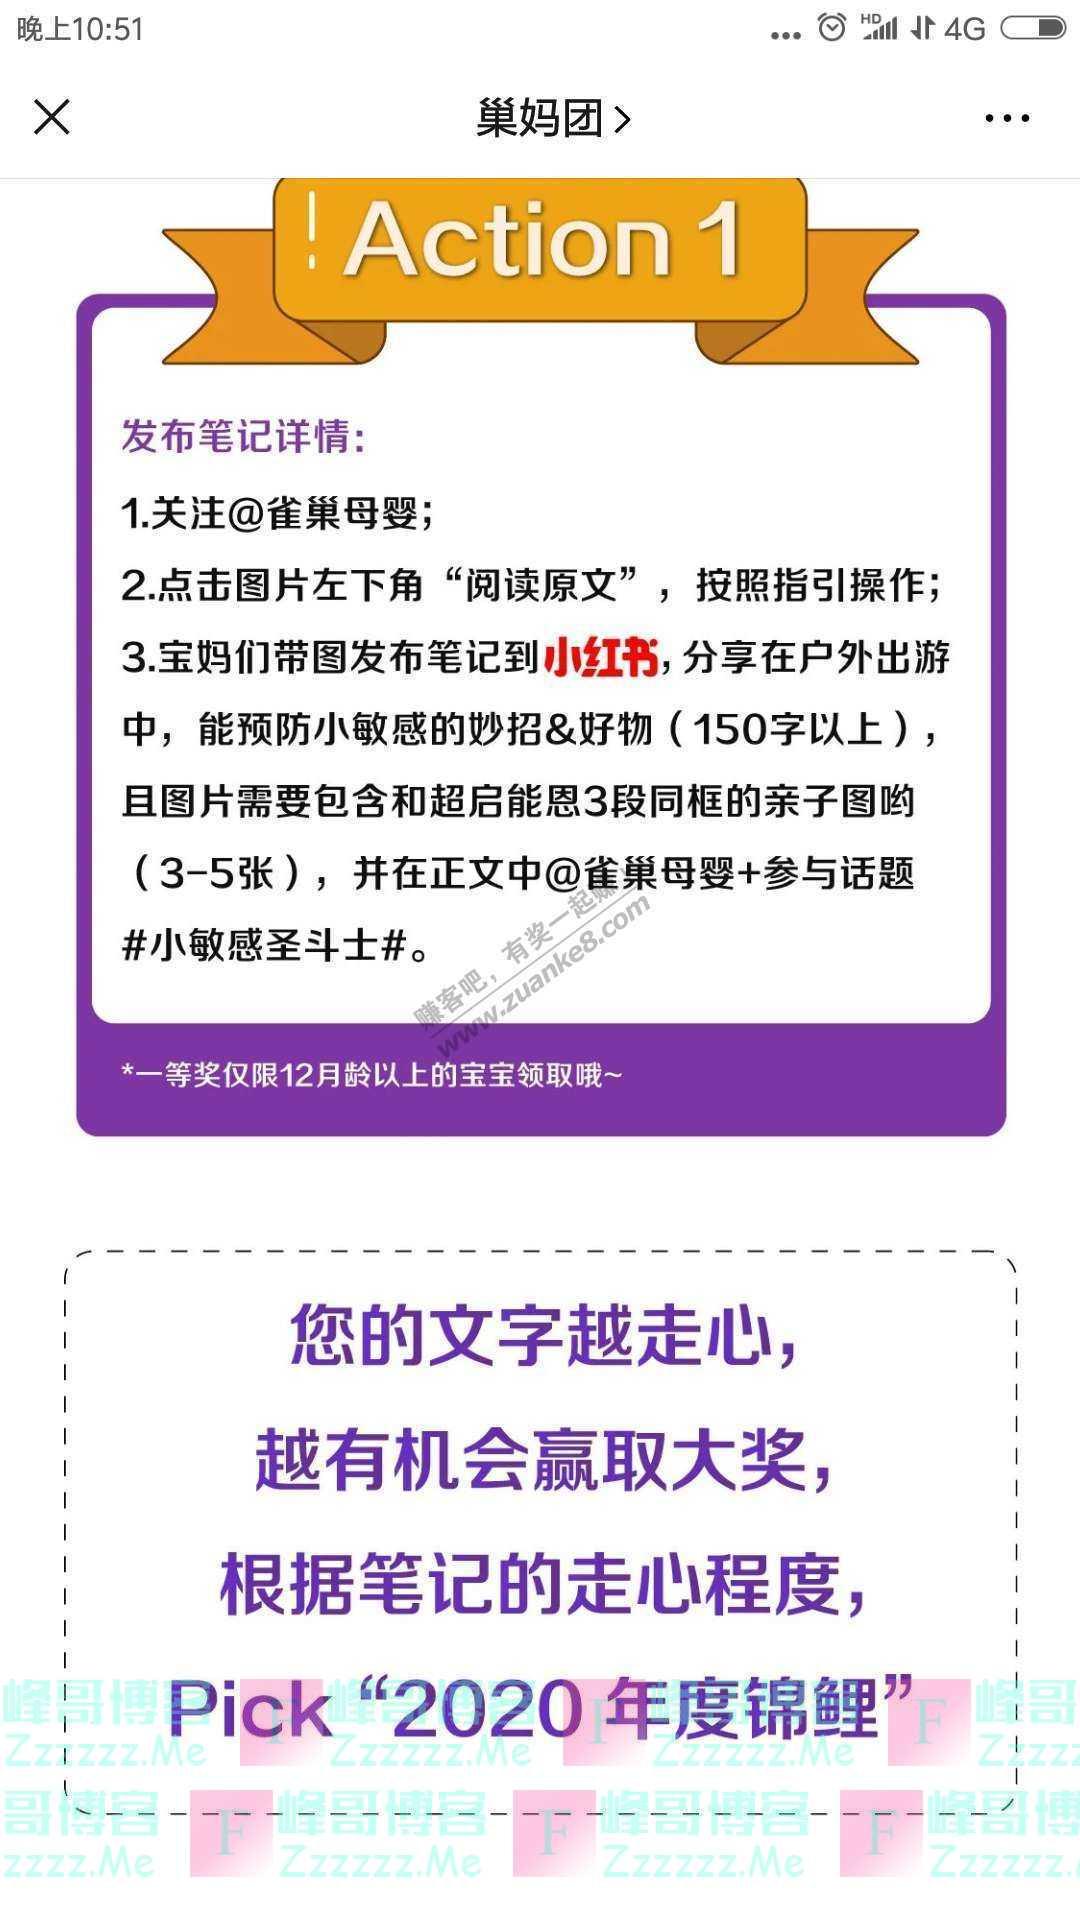 巢妈团@全体超启能恩3宝宝,限量100份超燃好礼等你来领(截止10月29日)